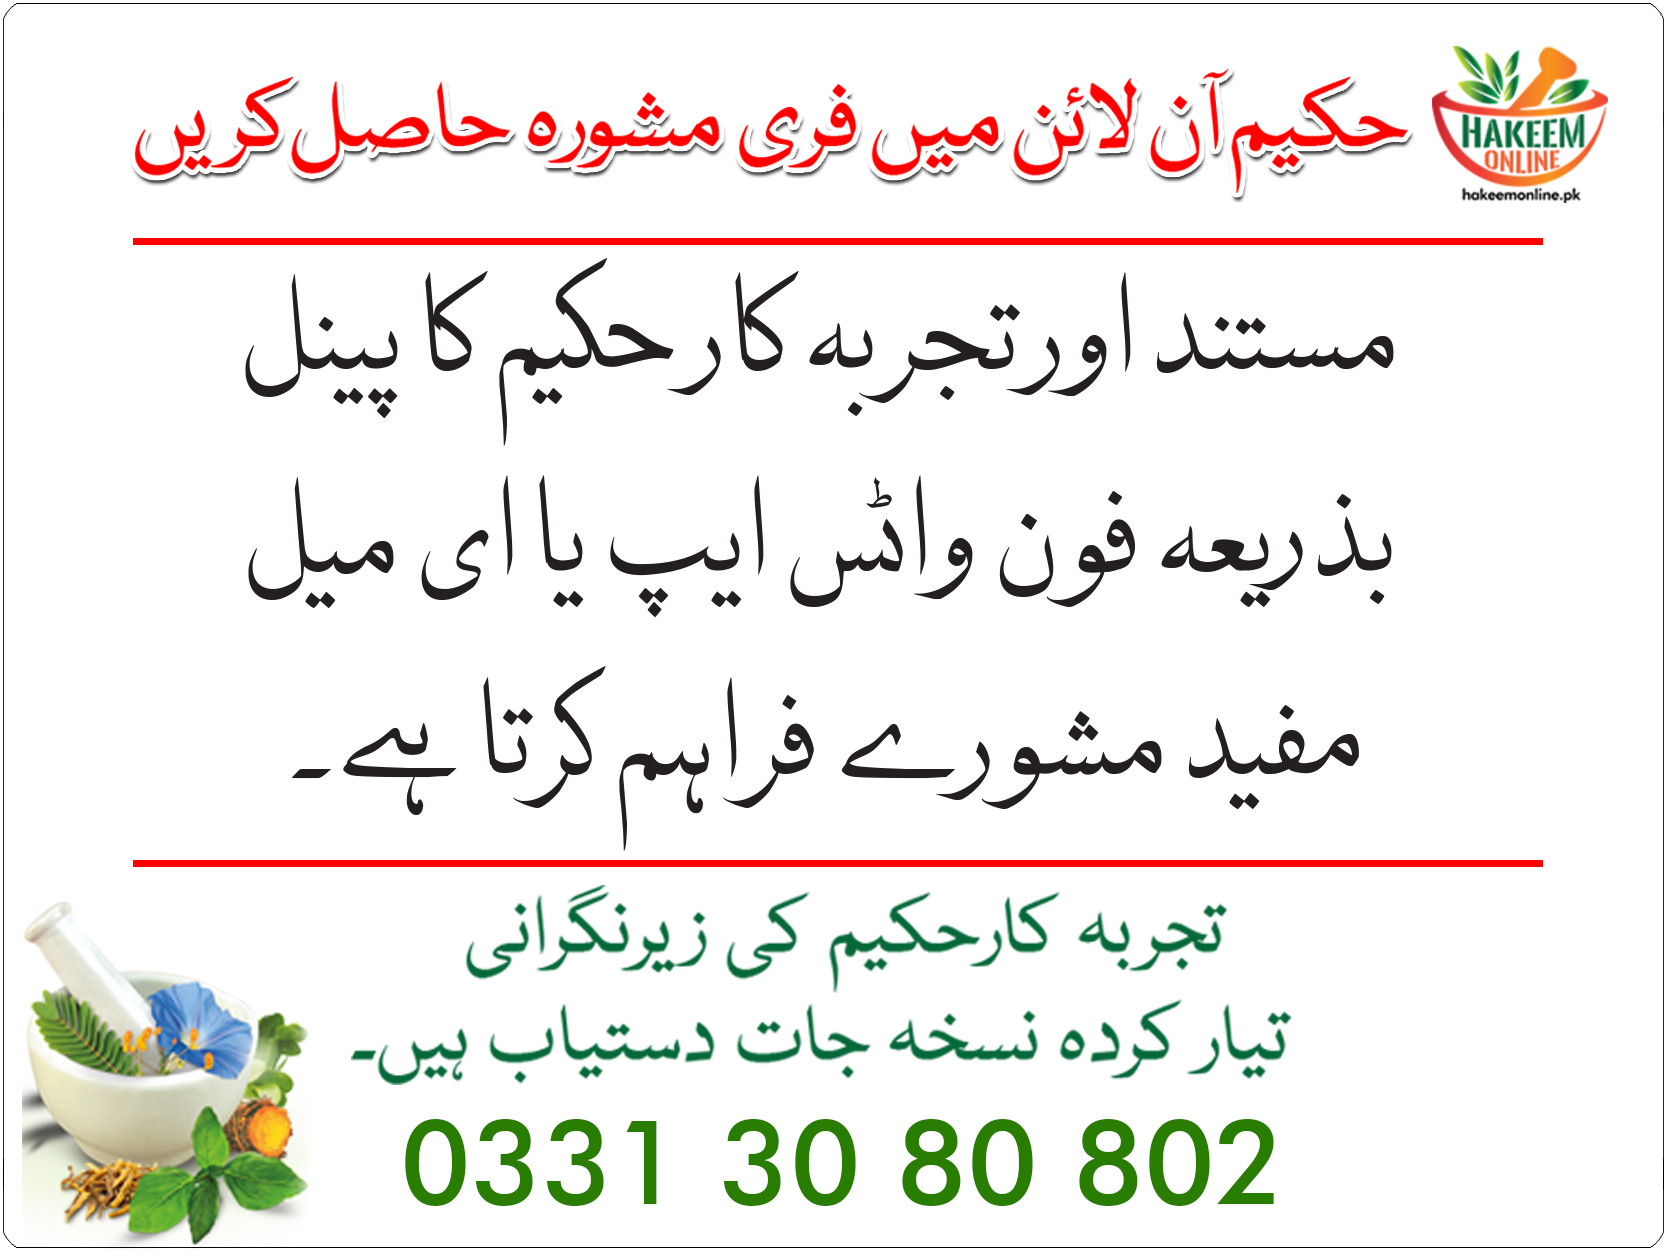 Hakeem Online Muft mashwaray